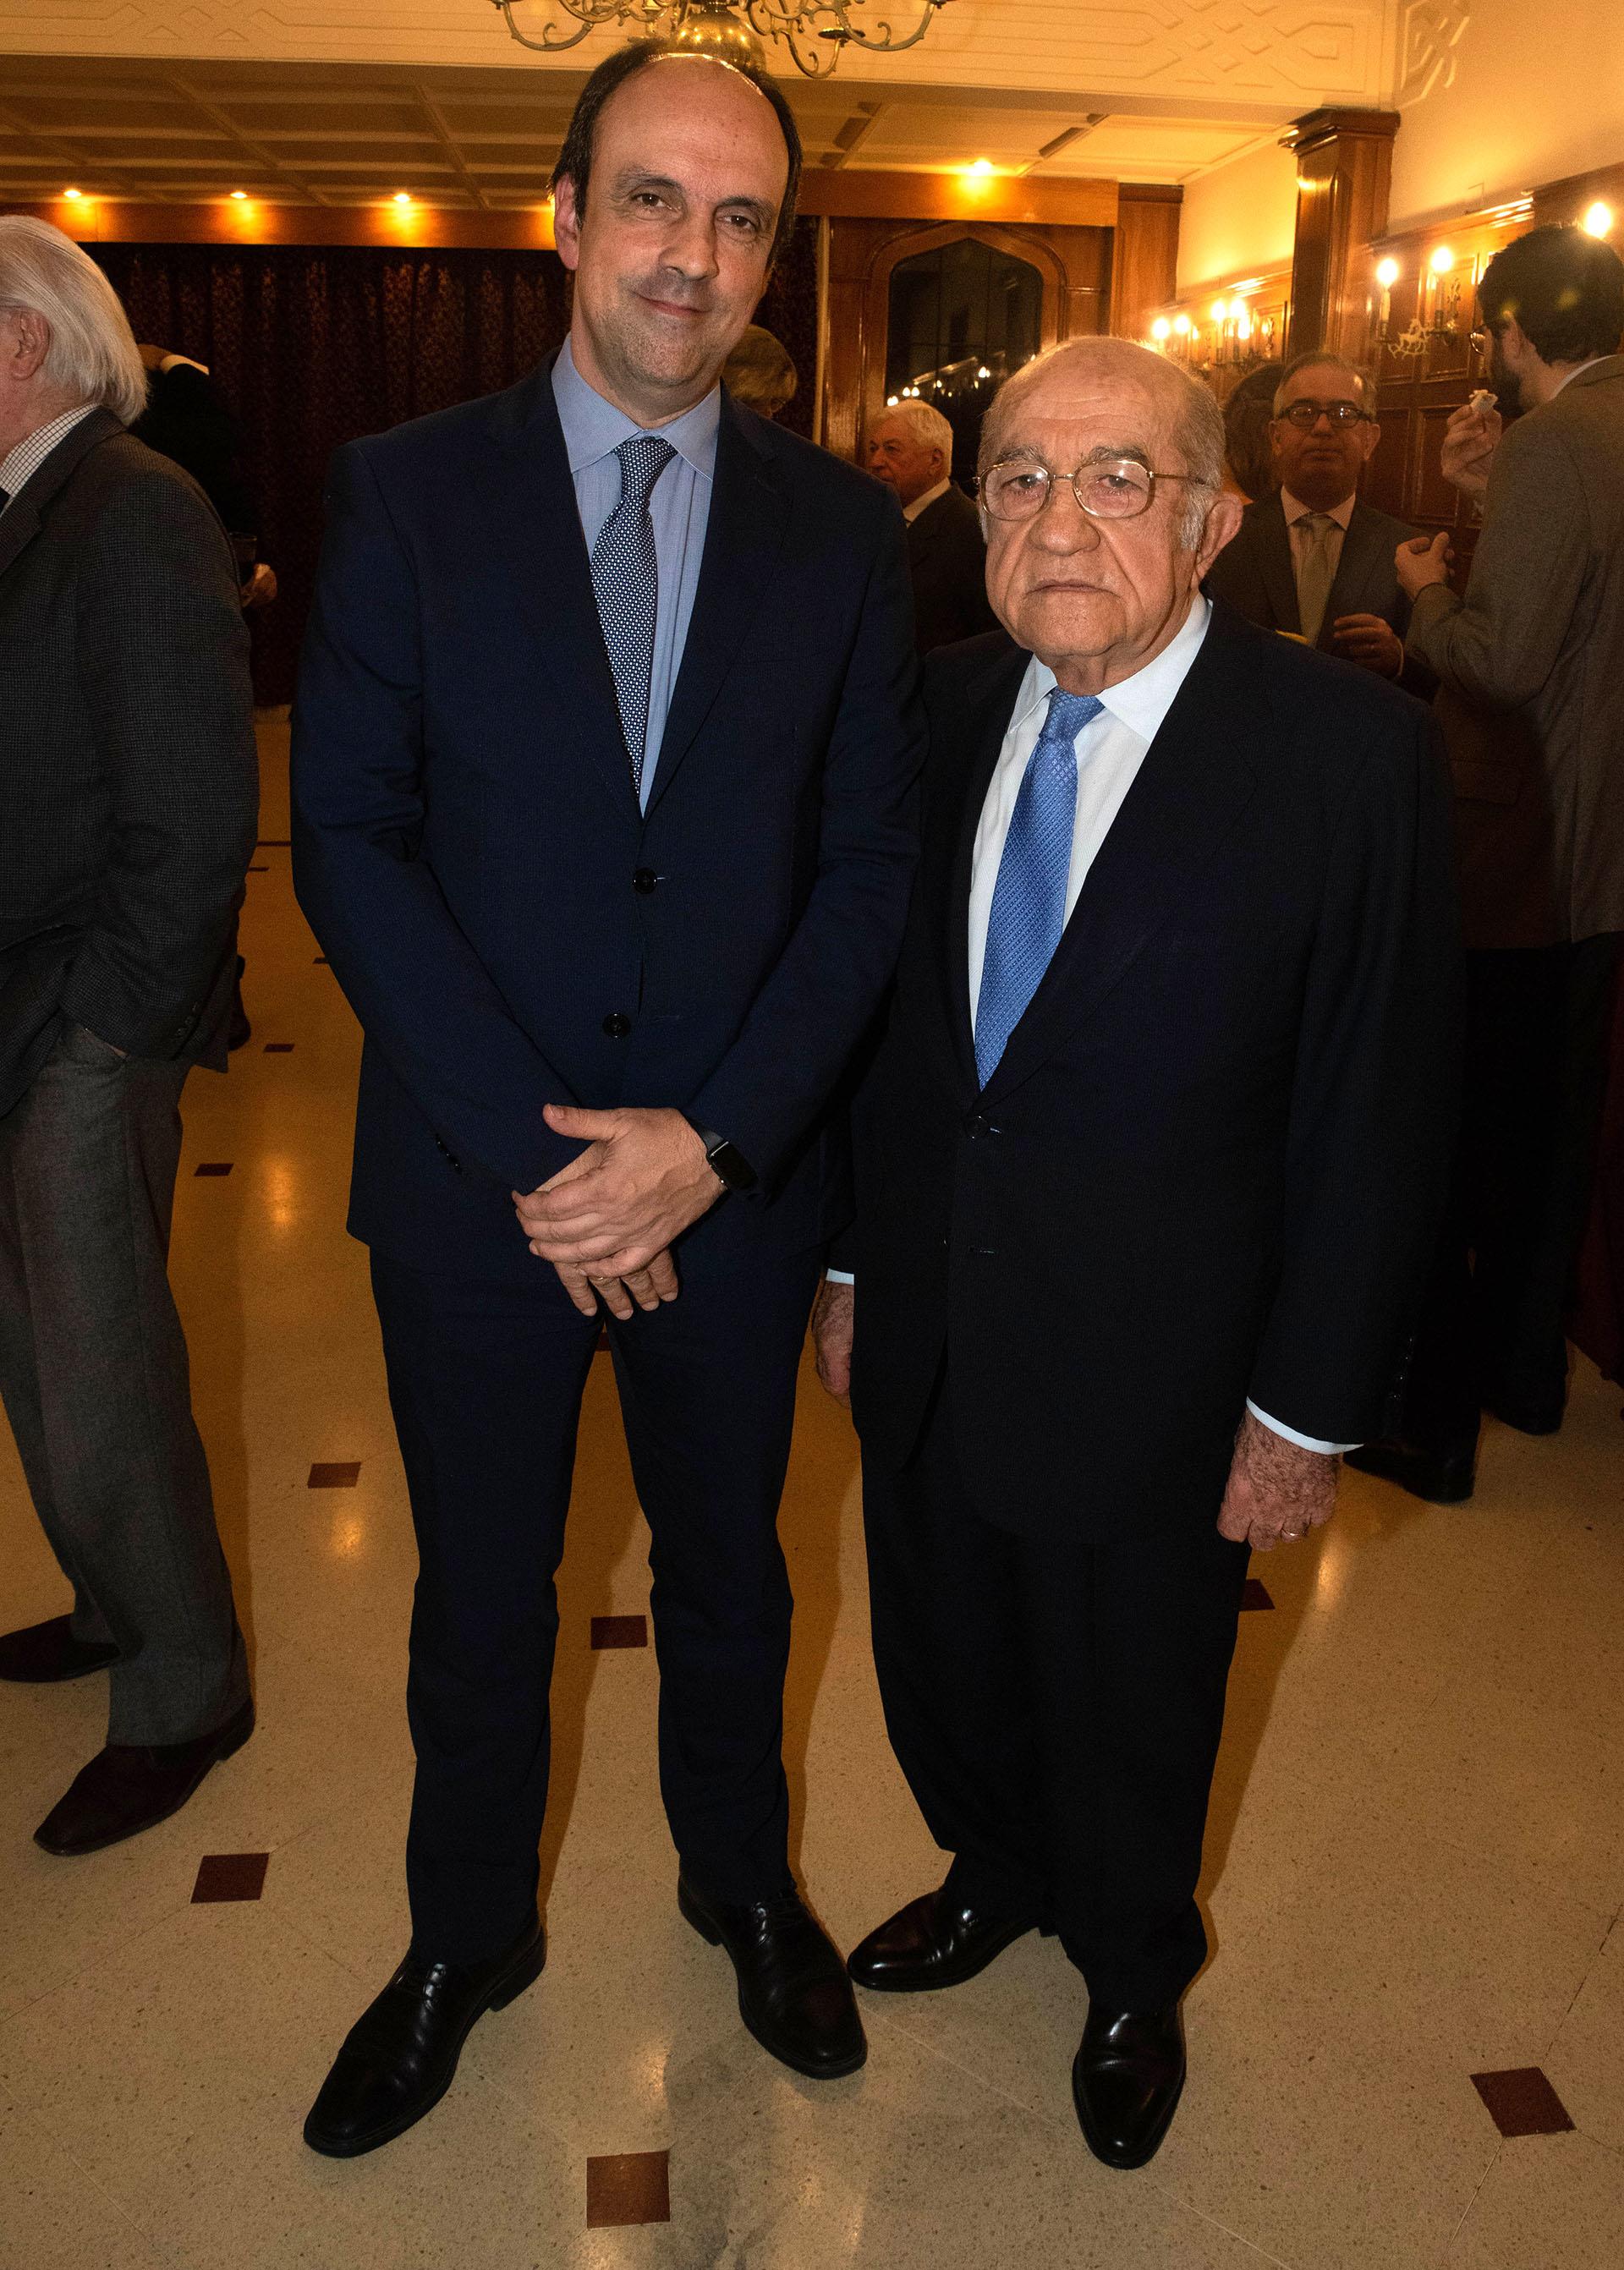 José Corral, intendente de la ciudad de Santa Fe, y José Romero Feris